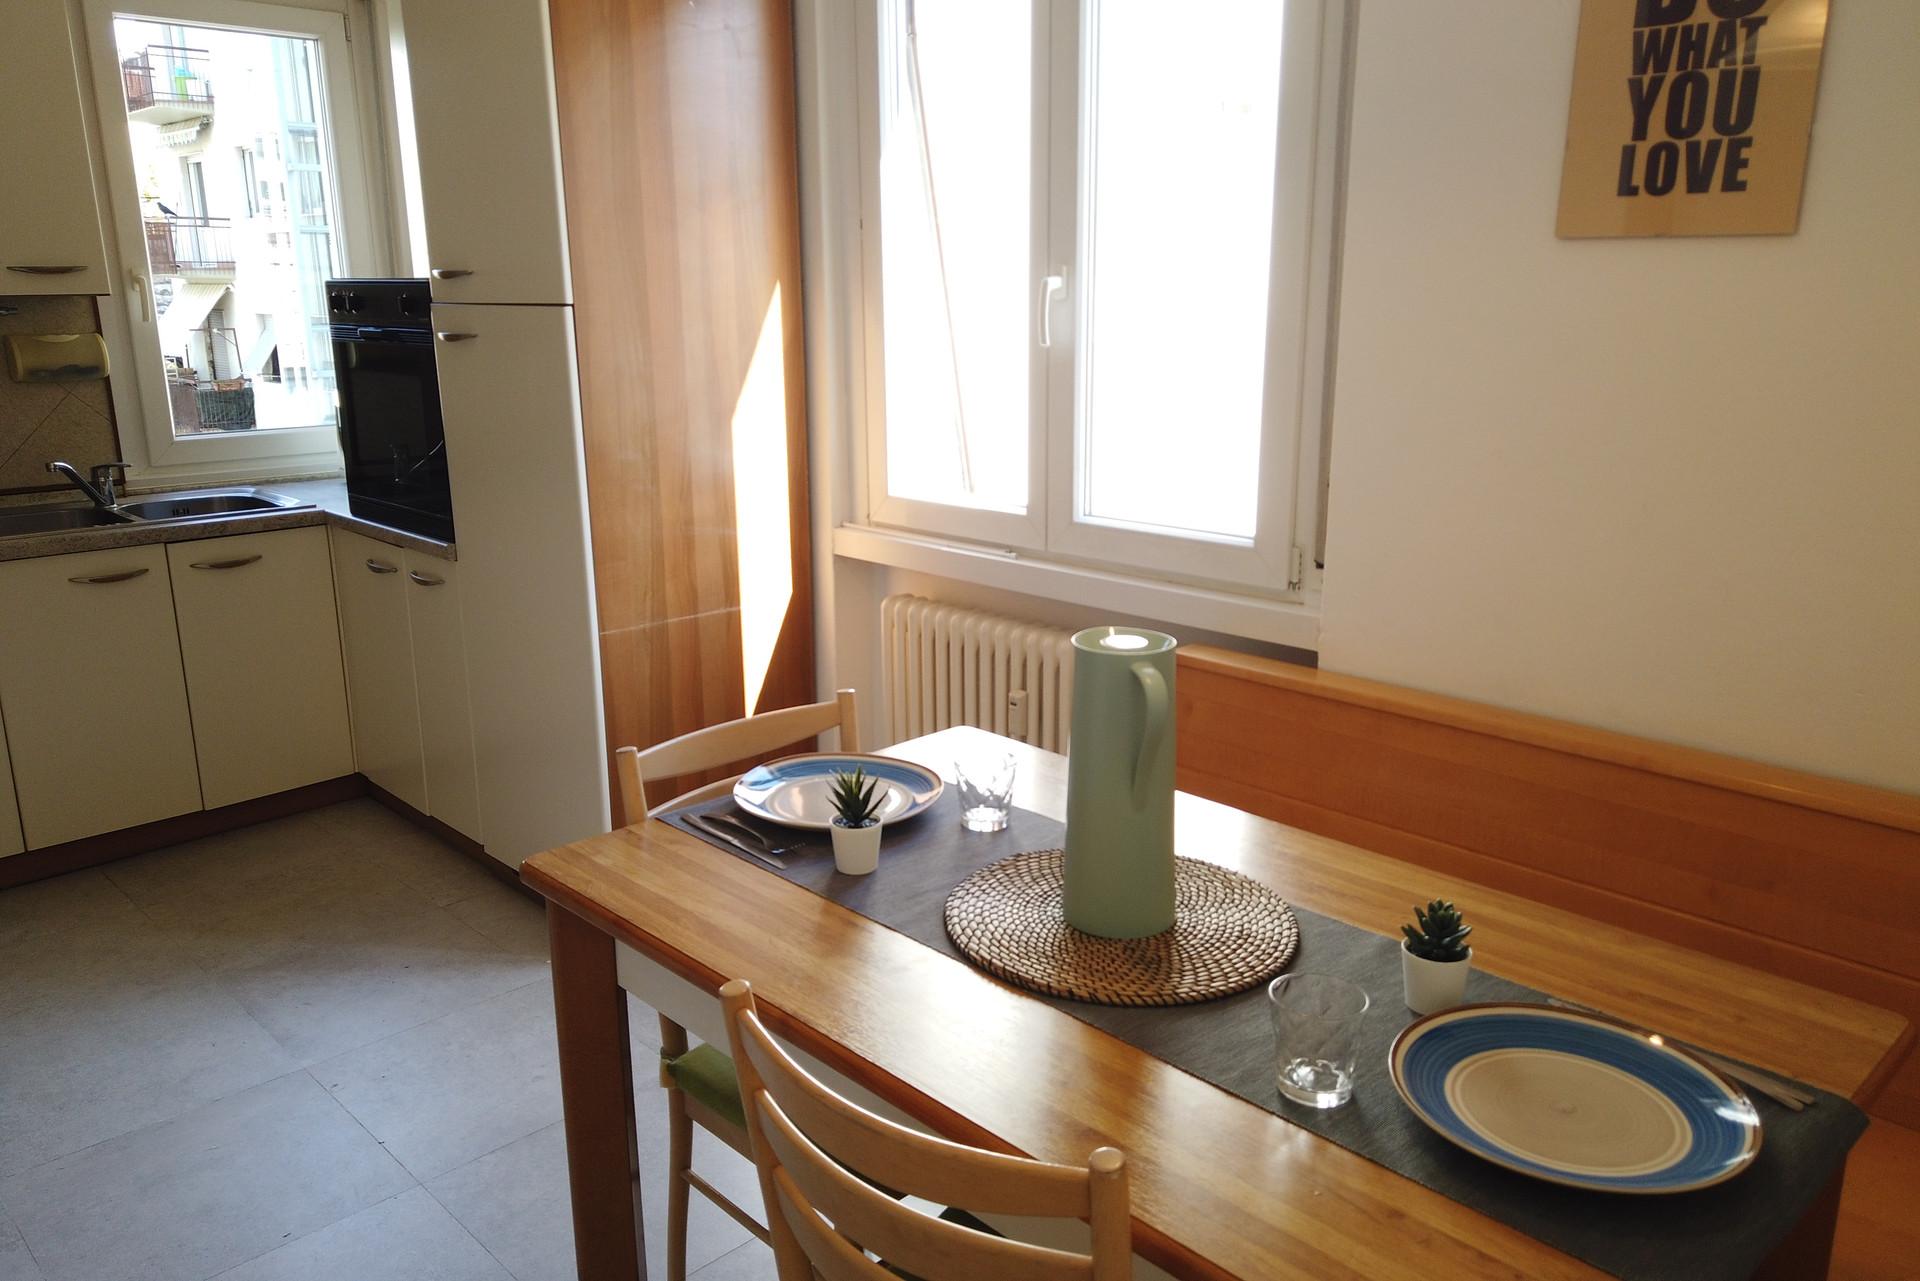 Cucina 4 X 4 appart spacieux et lumineux de 3 chambres qui convient aux